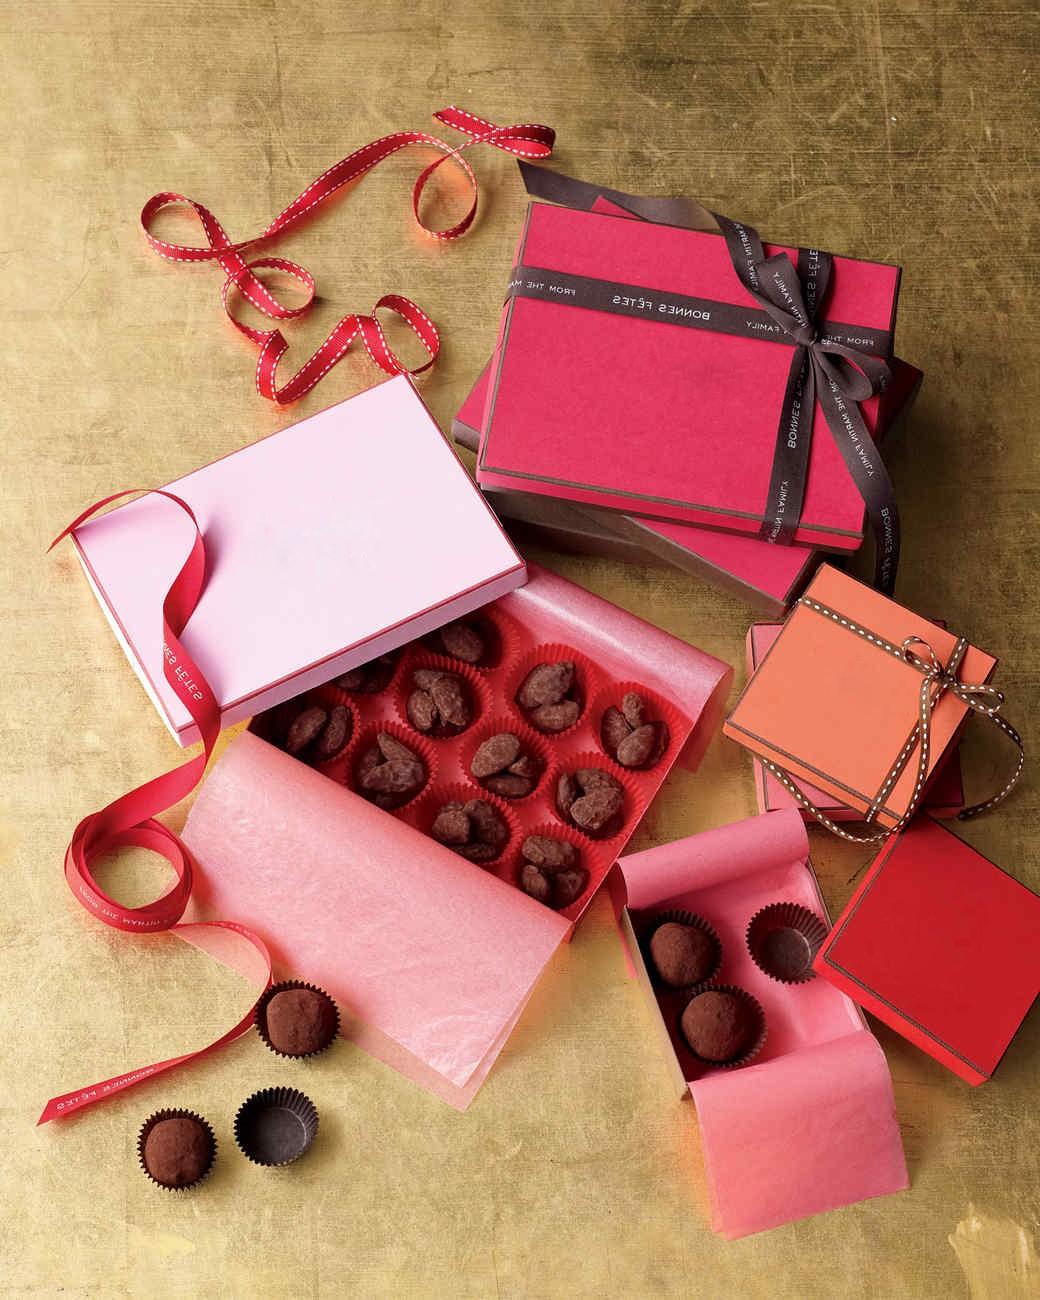 Bonbons au chocolat luxueux.